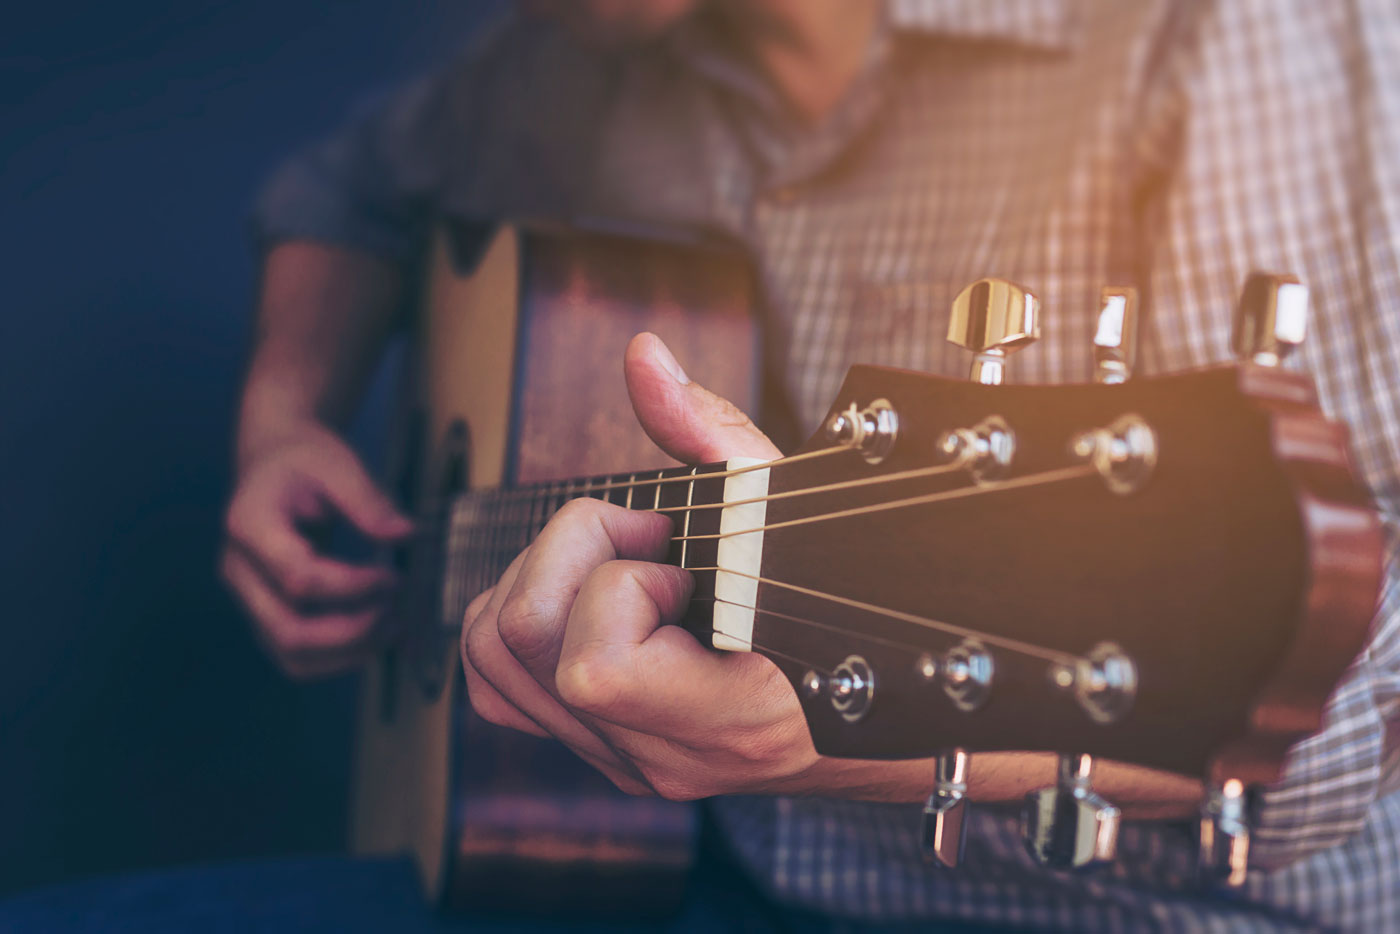 Técnica chord melody y arreglos de guitarra - con Gonzalo PalaciosSábado 23 de marzo